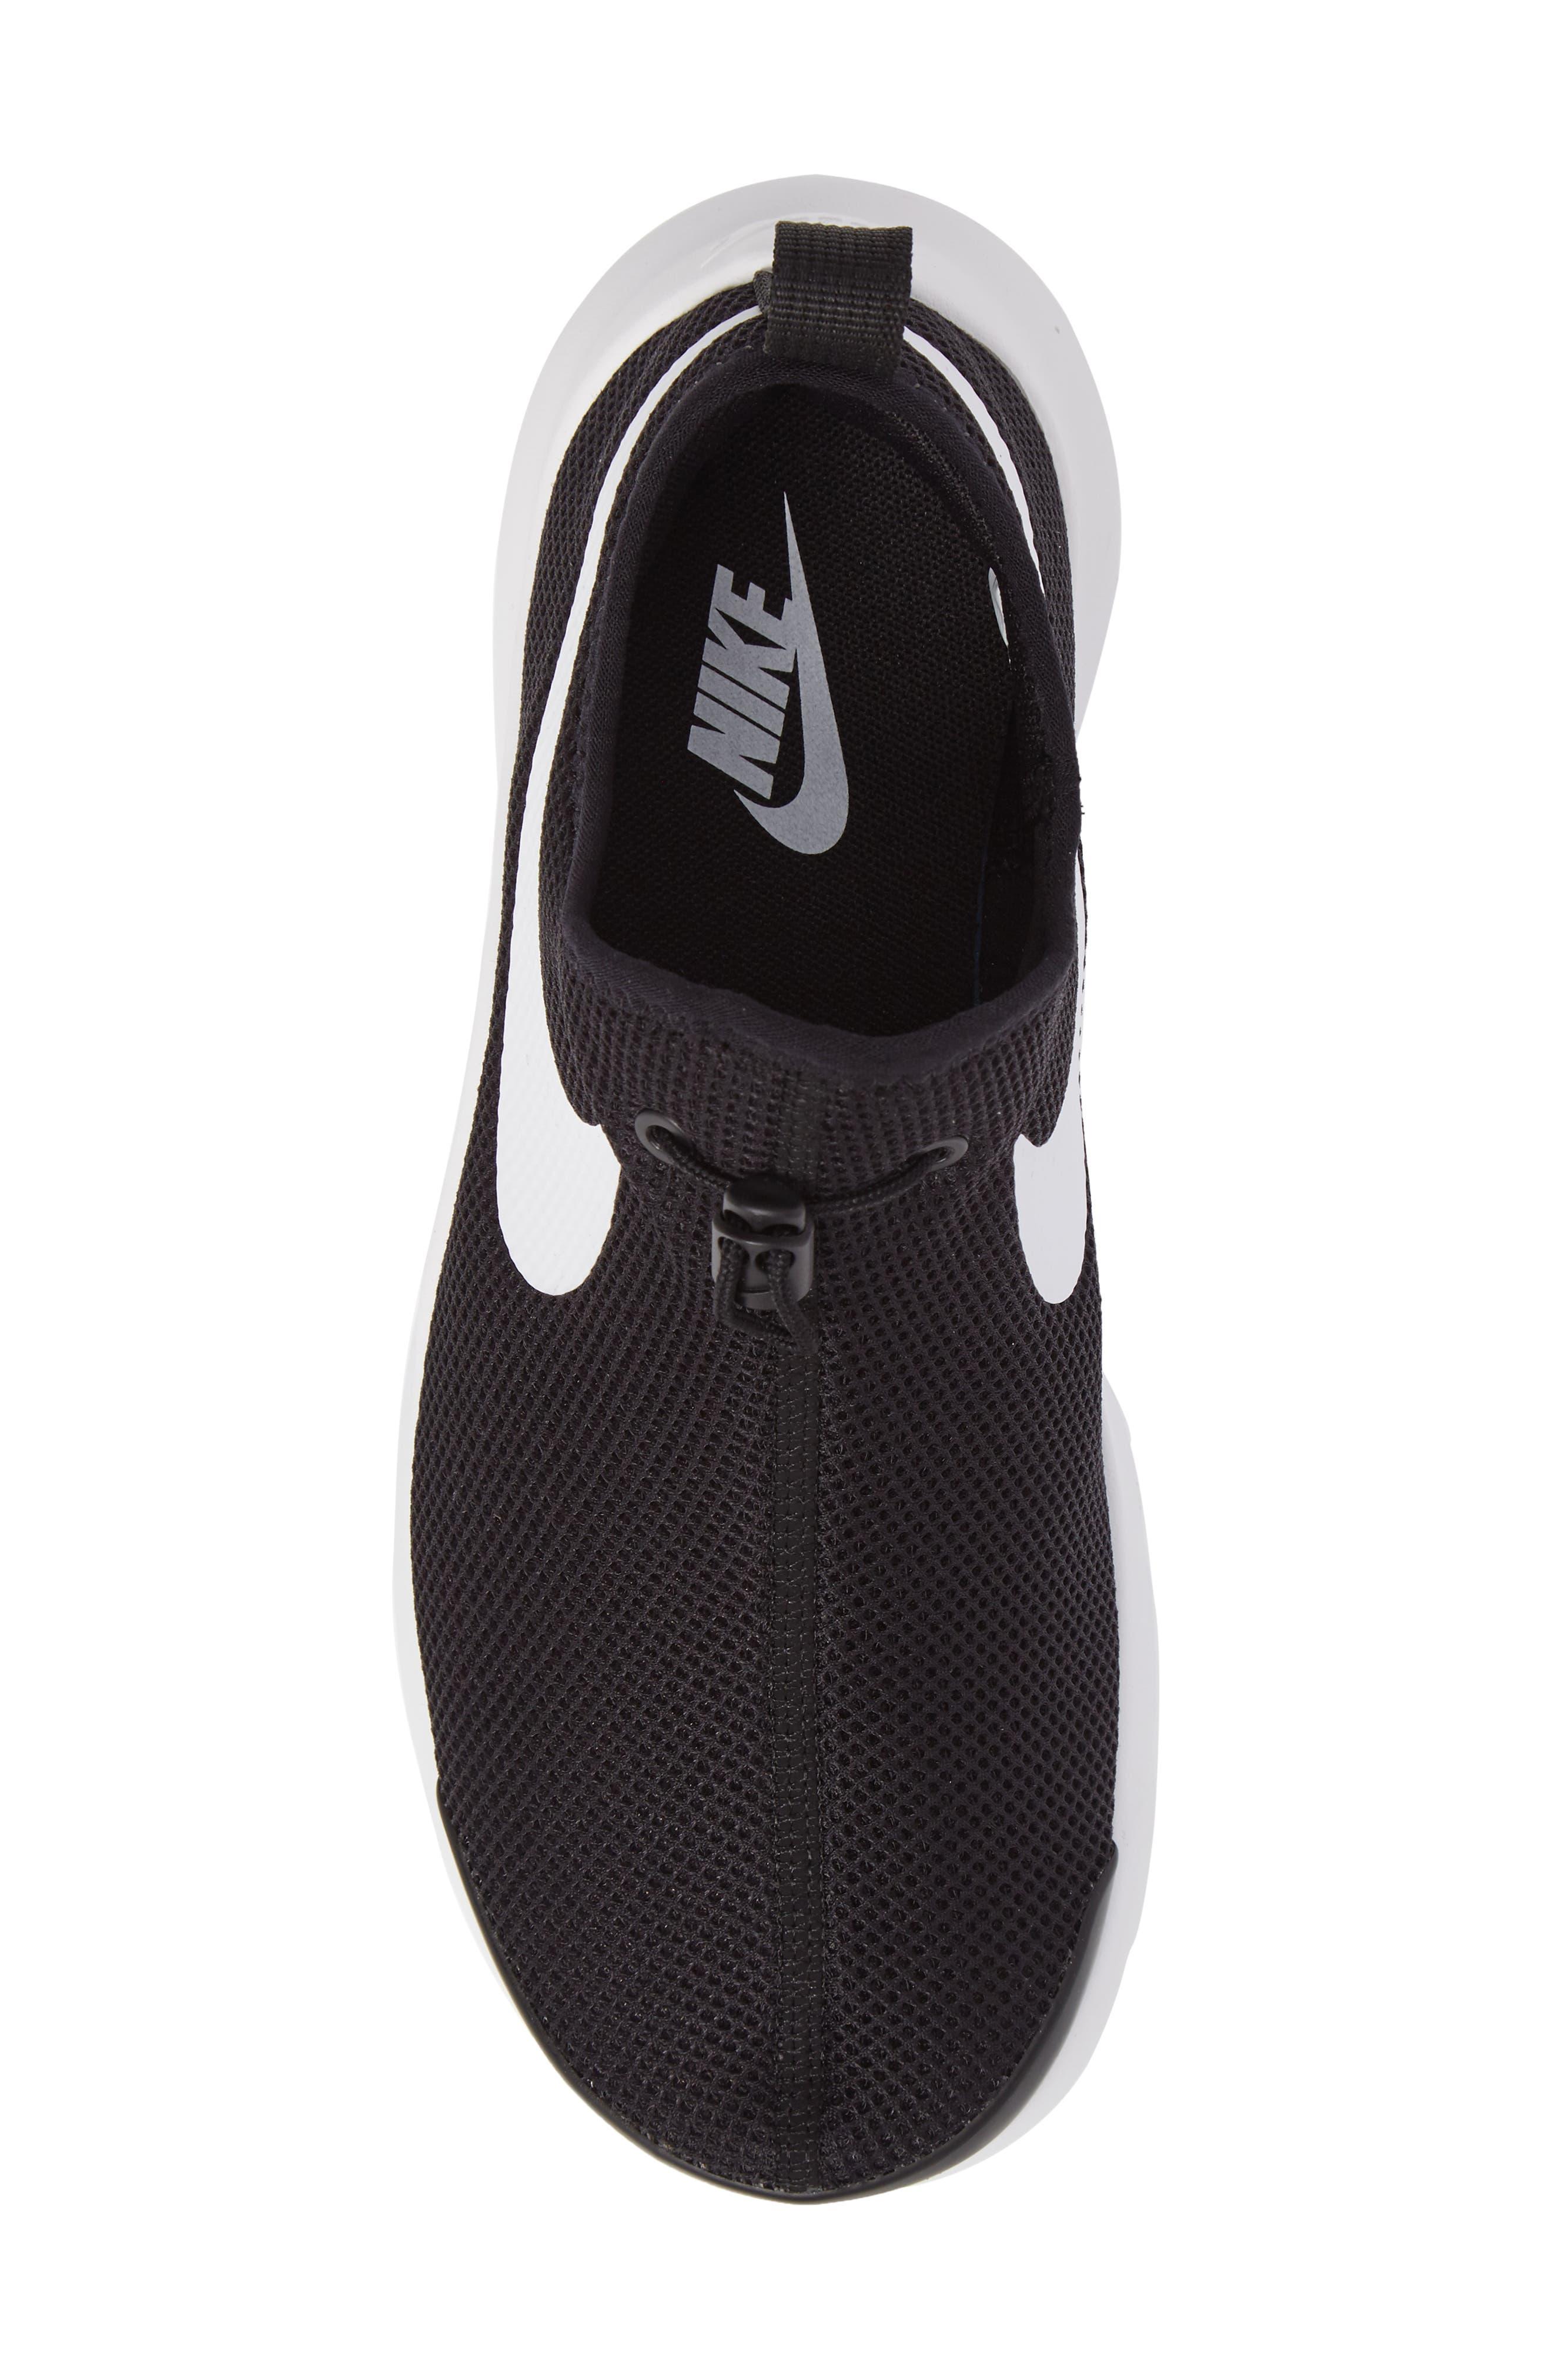 Aptare Slip-On Mesh Sneaker,                             Alternate thumbnail 5, color,                             002